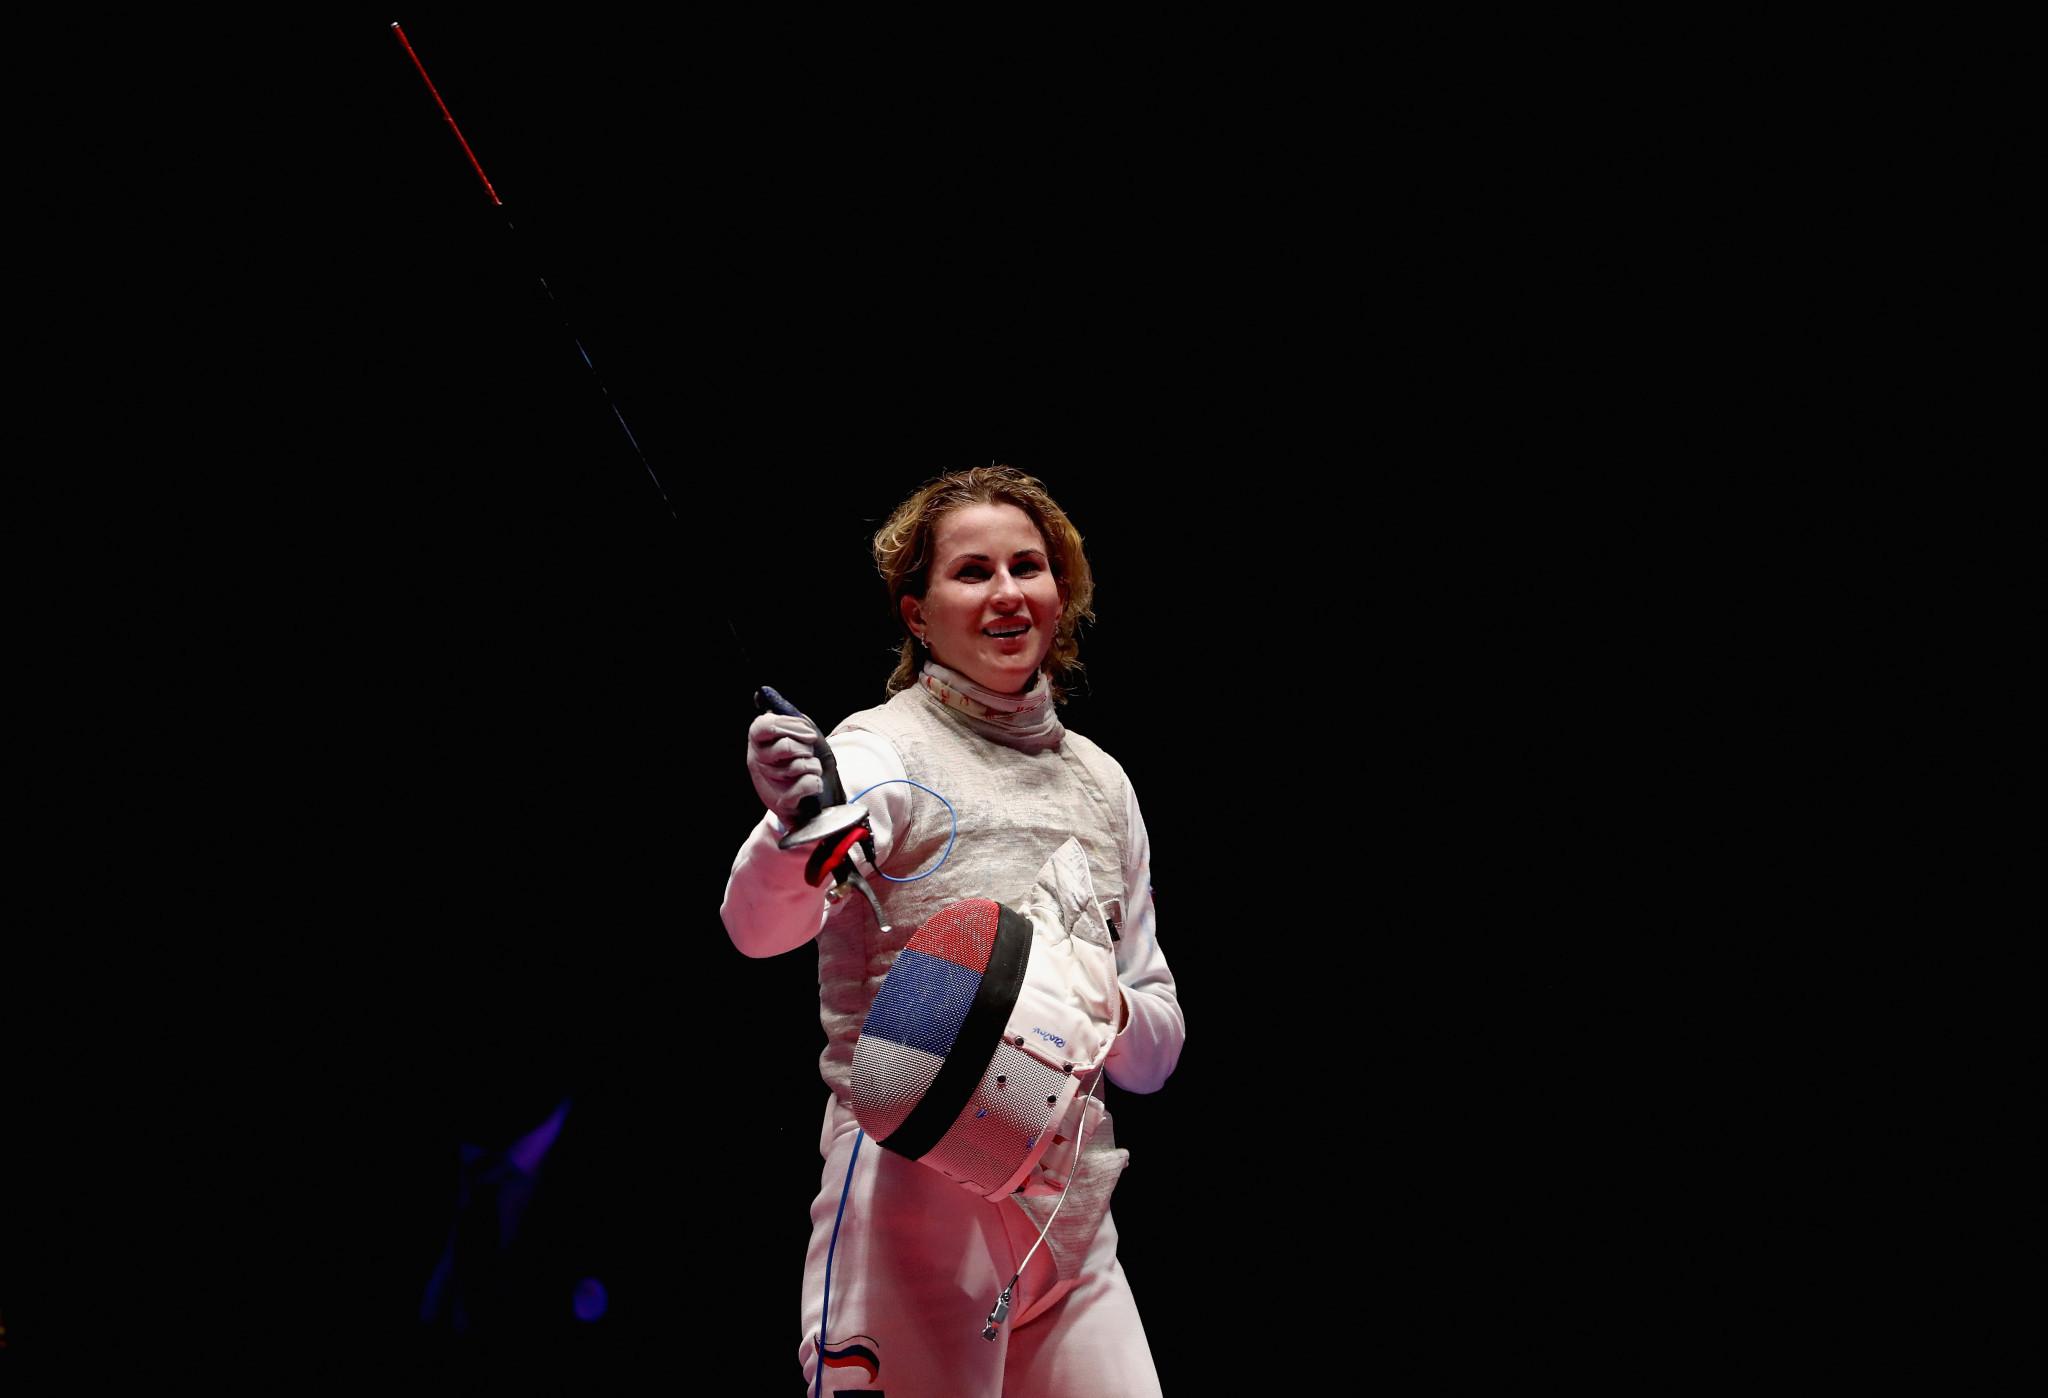 Deriglazova and Foconi win FIE Grand Prix titles in Shanghai